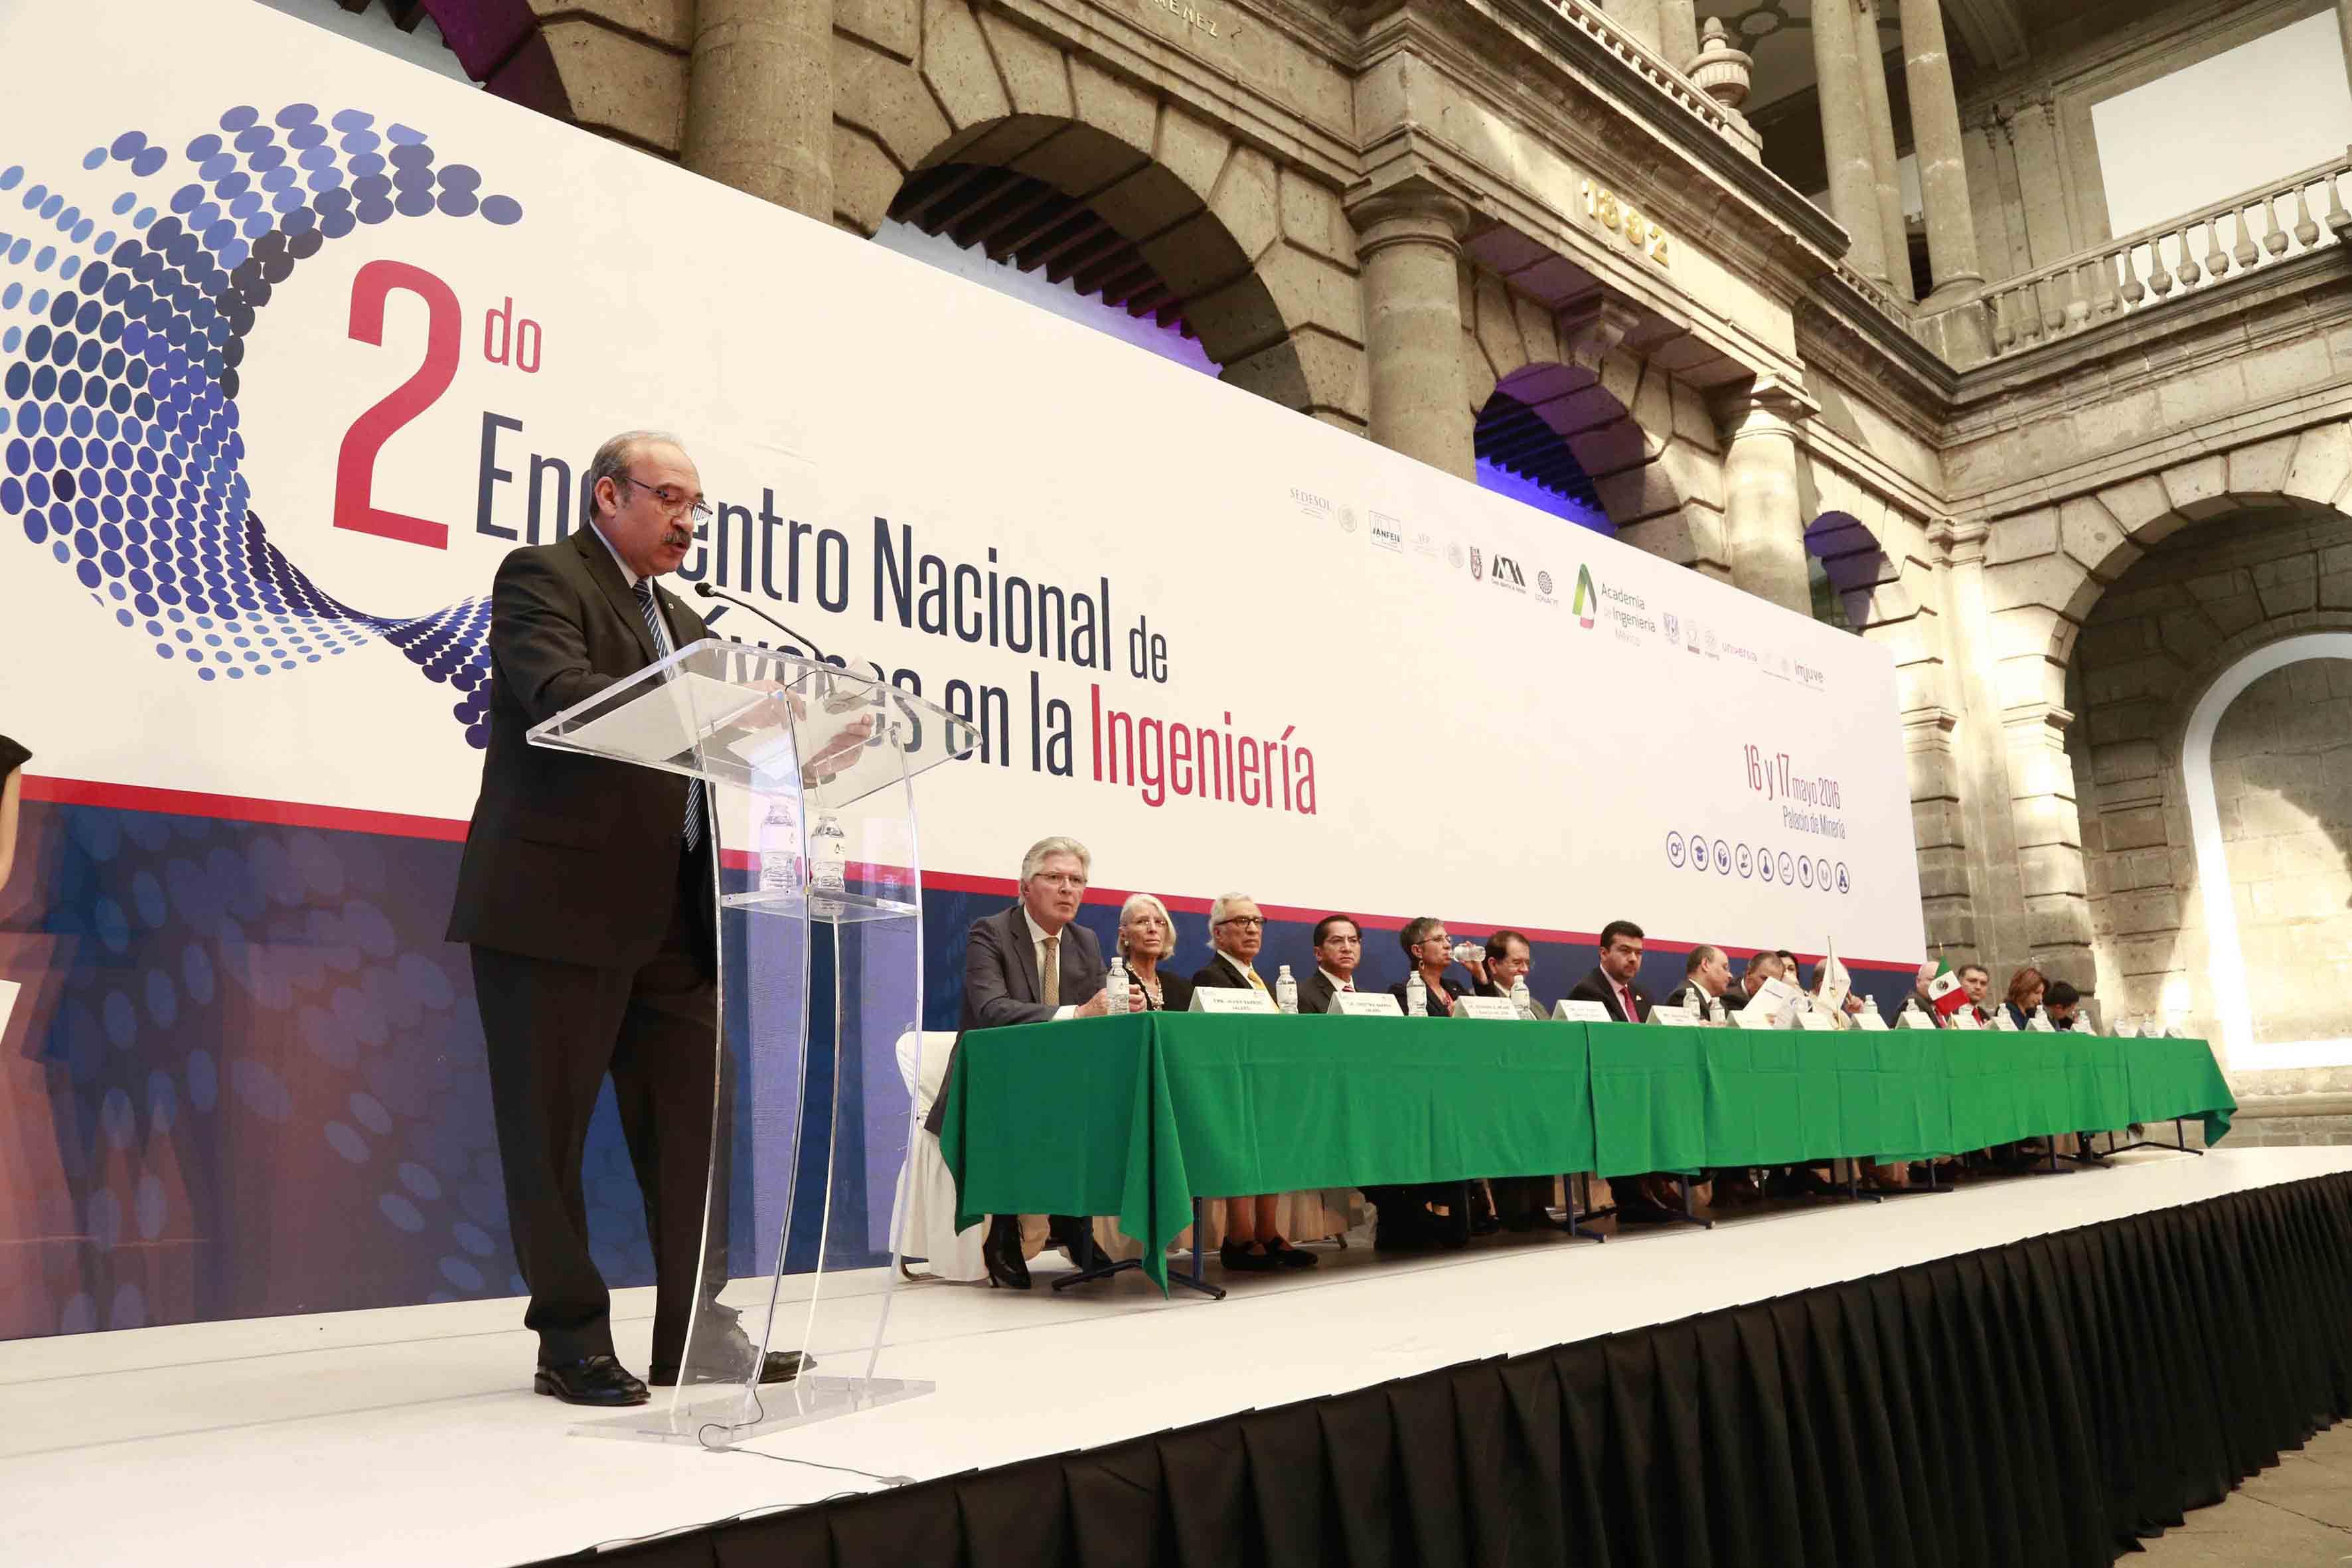 Miembros del presidium en el 2do Encuentro de Jóvenes en la Ingeniría